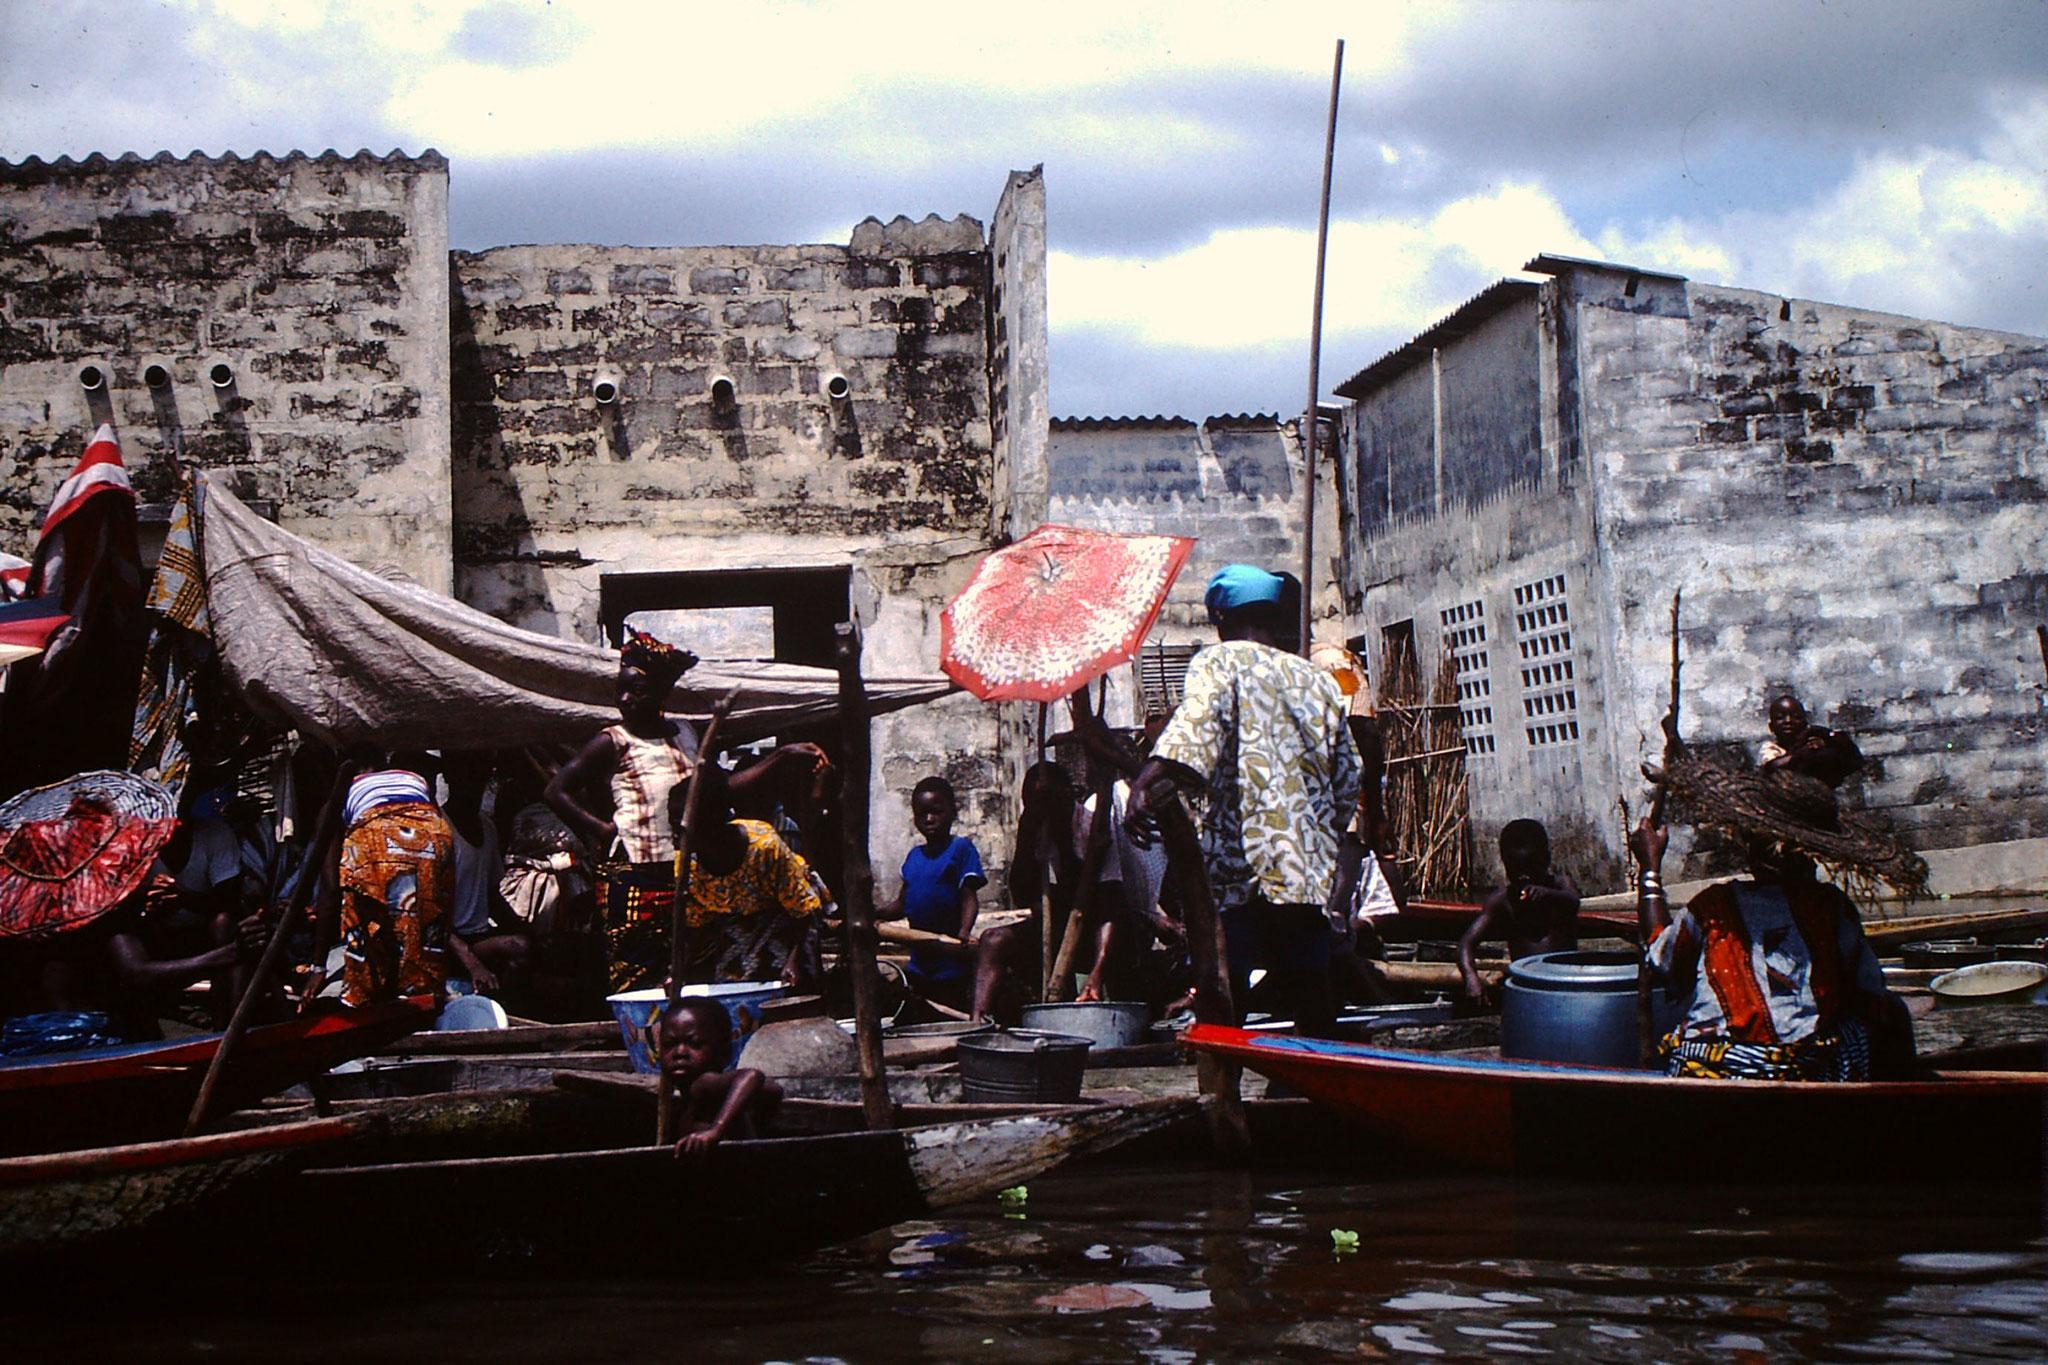 8. Auf Pirogen wird allerlei Ware angeboten. Es ist ein schwimmender Markt.